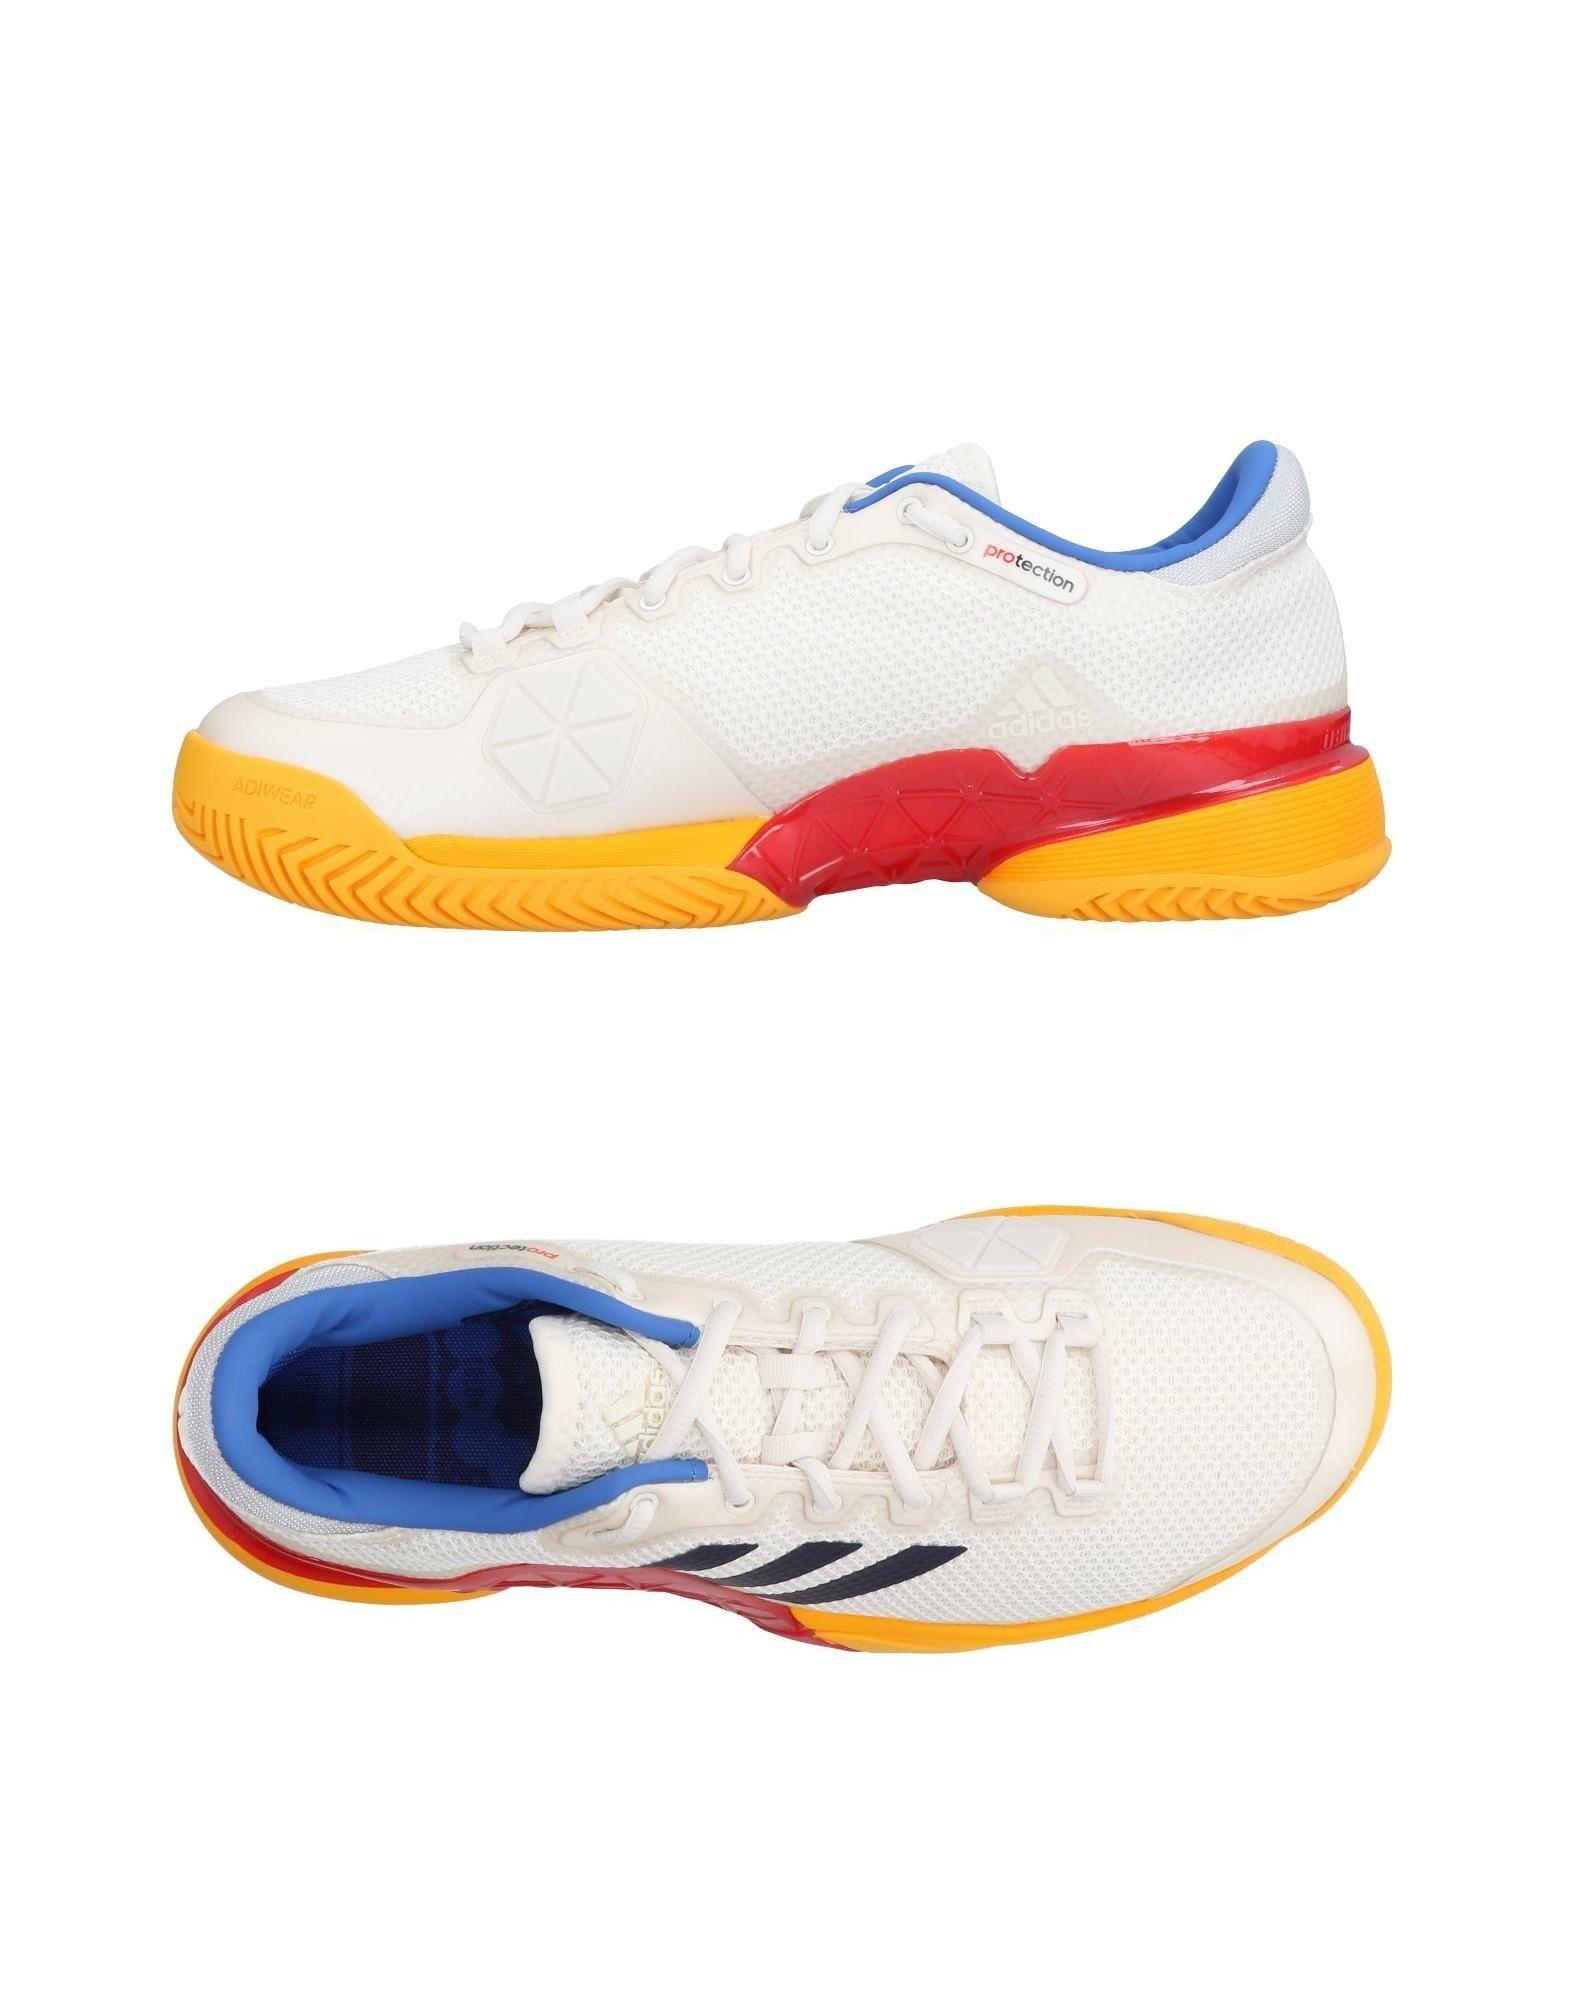 Moda Scarpe Adidas da Ginnastica Adidas Scarpe Uomo - 11494215BP 7ce55e